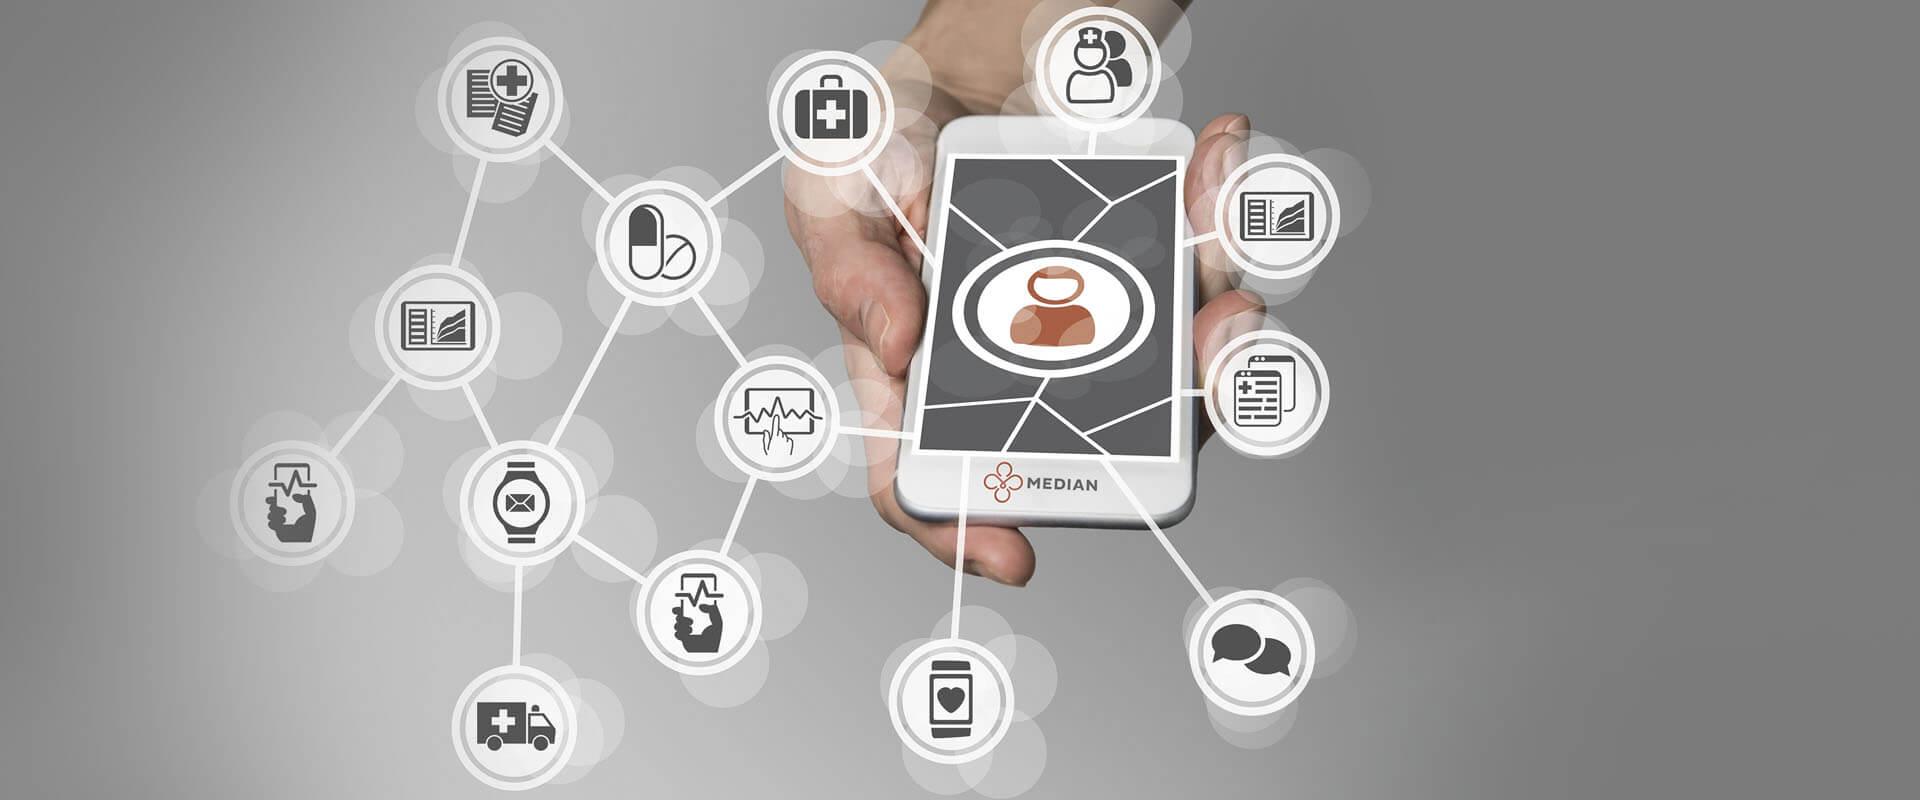 Verbindung Smartphone: Wissenschaftsforum der MEDIAN Kliniken